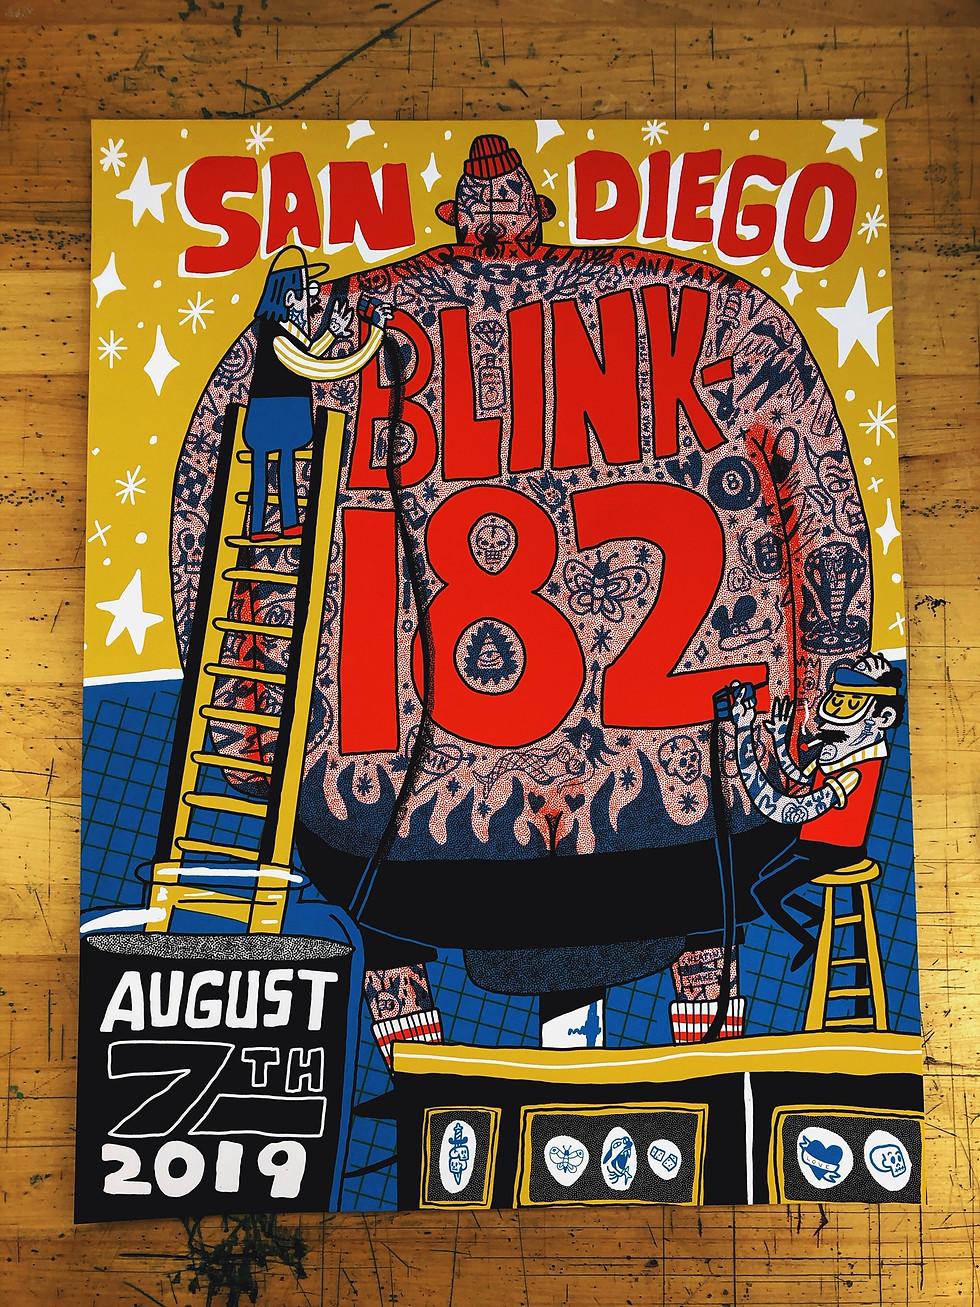 BLINK-182 San Diego tour poster